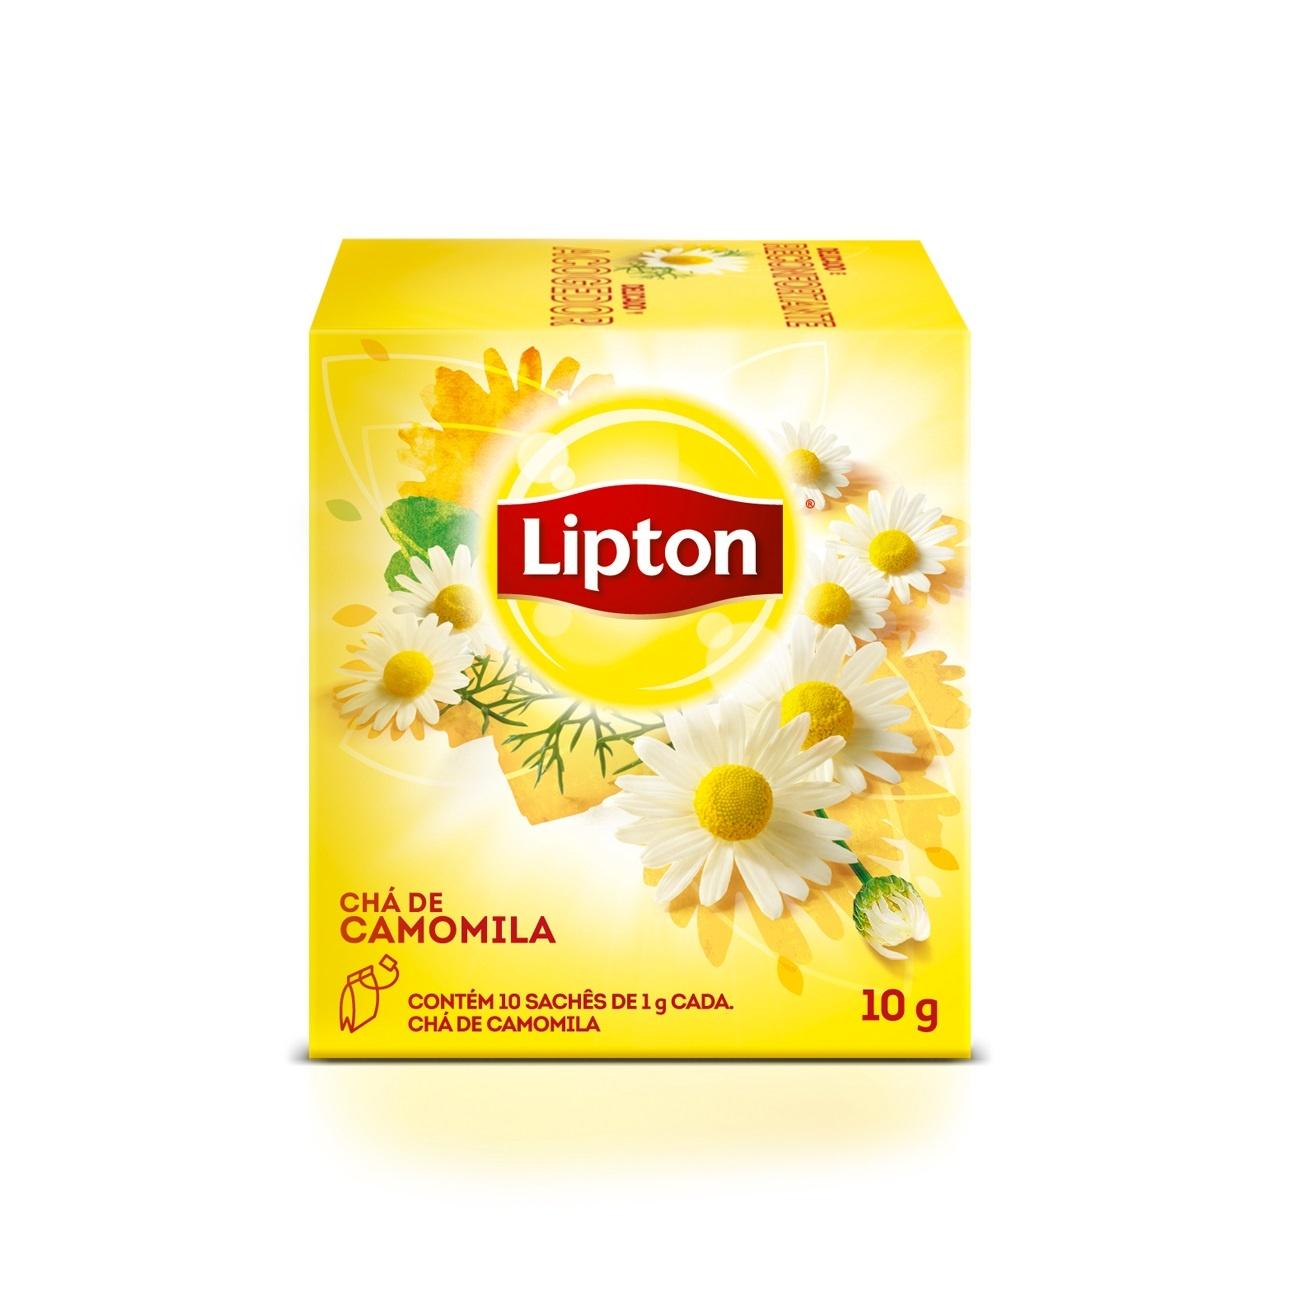 Chá Lipton Camomila 1g